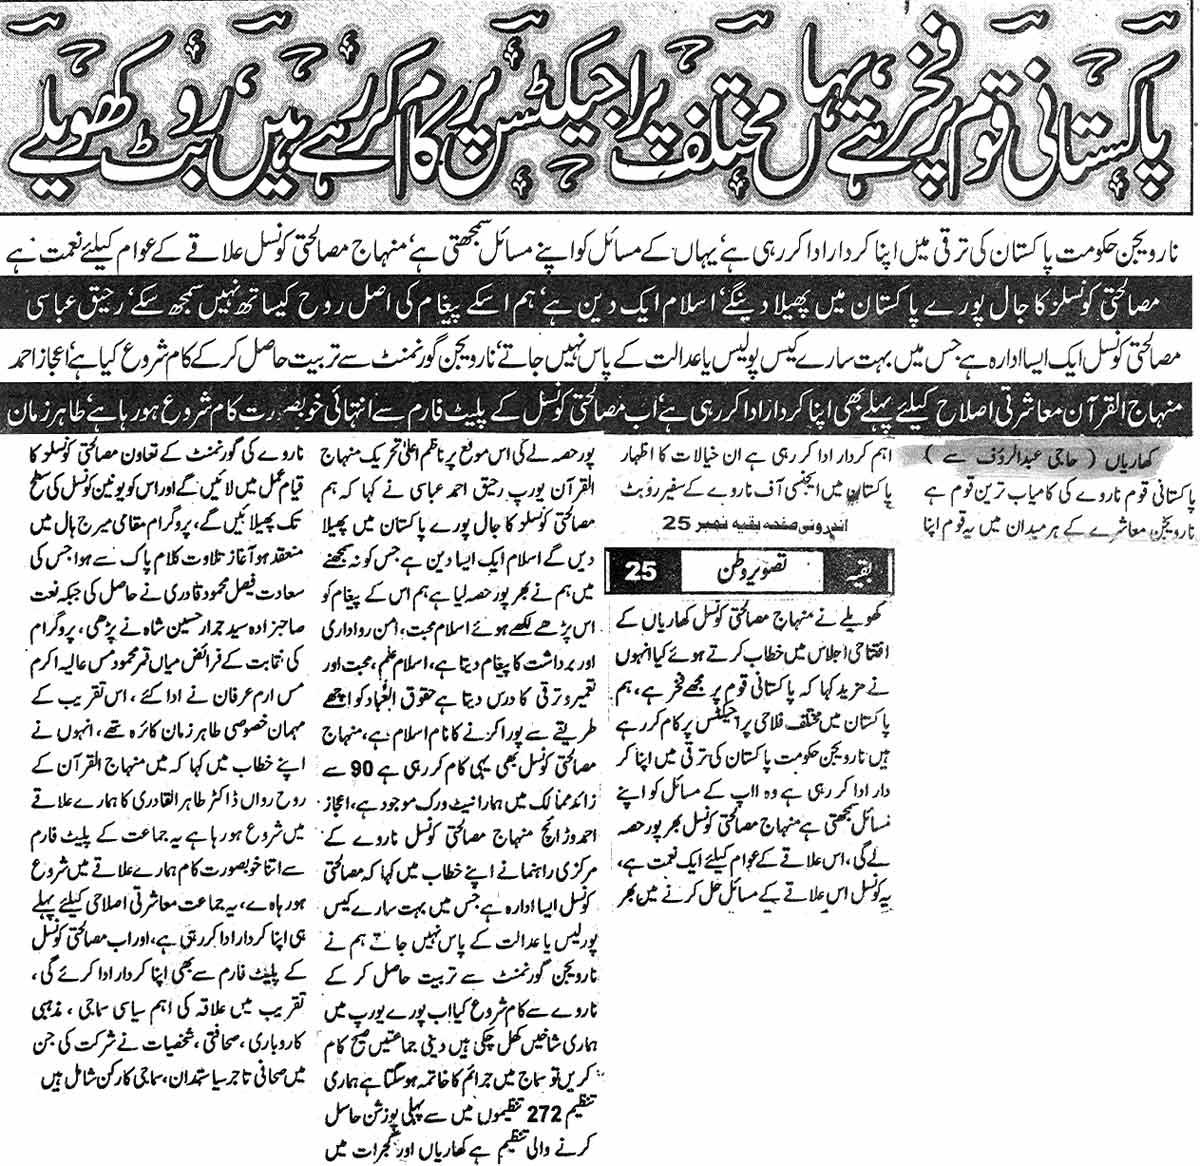 تحریک منہاج القرآن Minhaj-ul-Quran  Print Media Coverage پرنٹ میڈیا کوریج Daily Tasweer-e-Watan